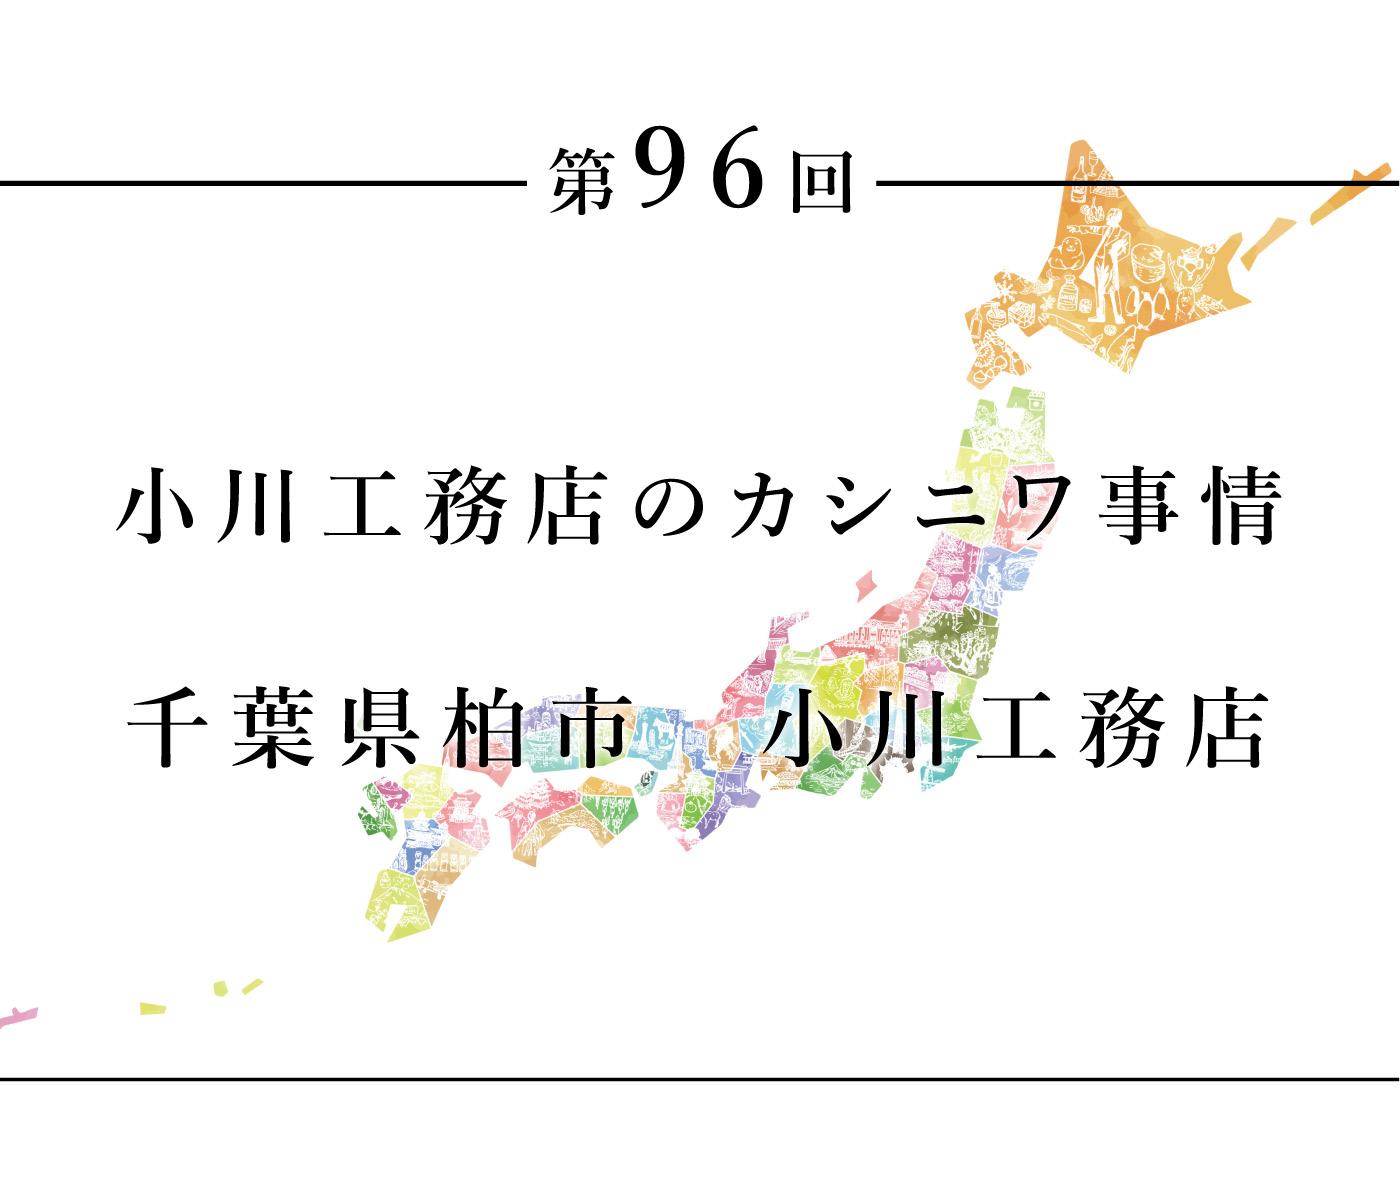 ちいきのたより第96回小川工務店のカシニワ事情千葉県柏市 小川工務店